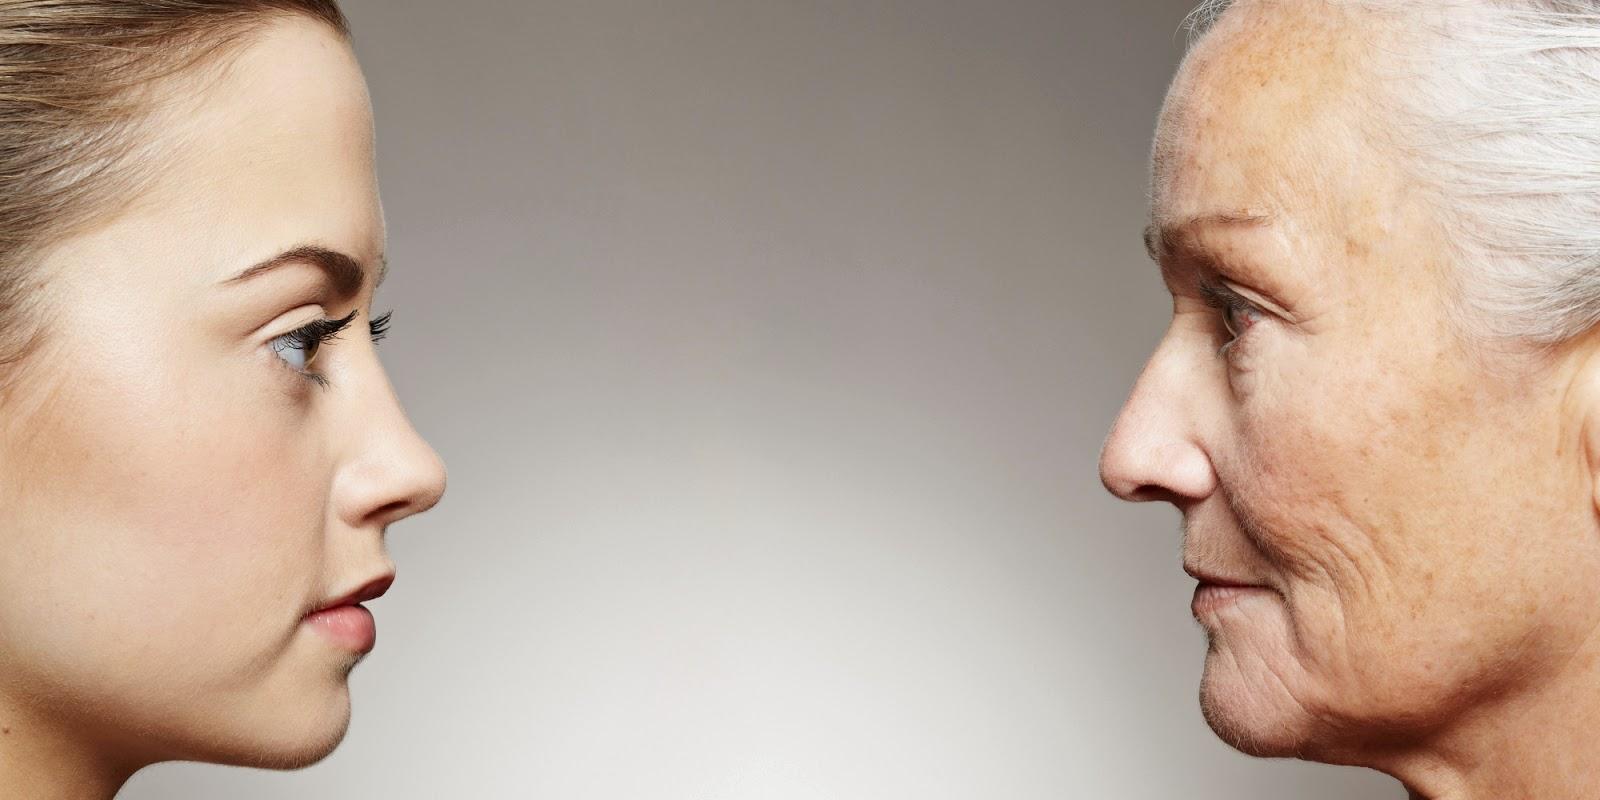 مقال – كيف تقاومين تغيرات الجلد مع التقدم بالعمر؟